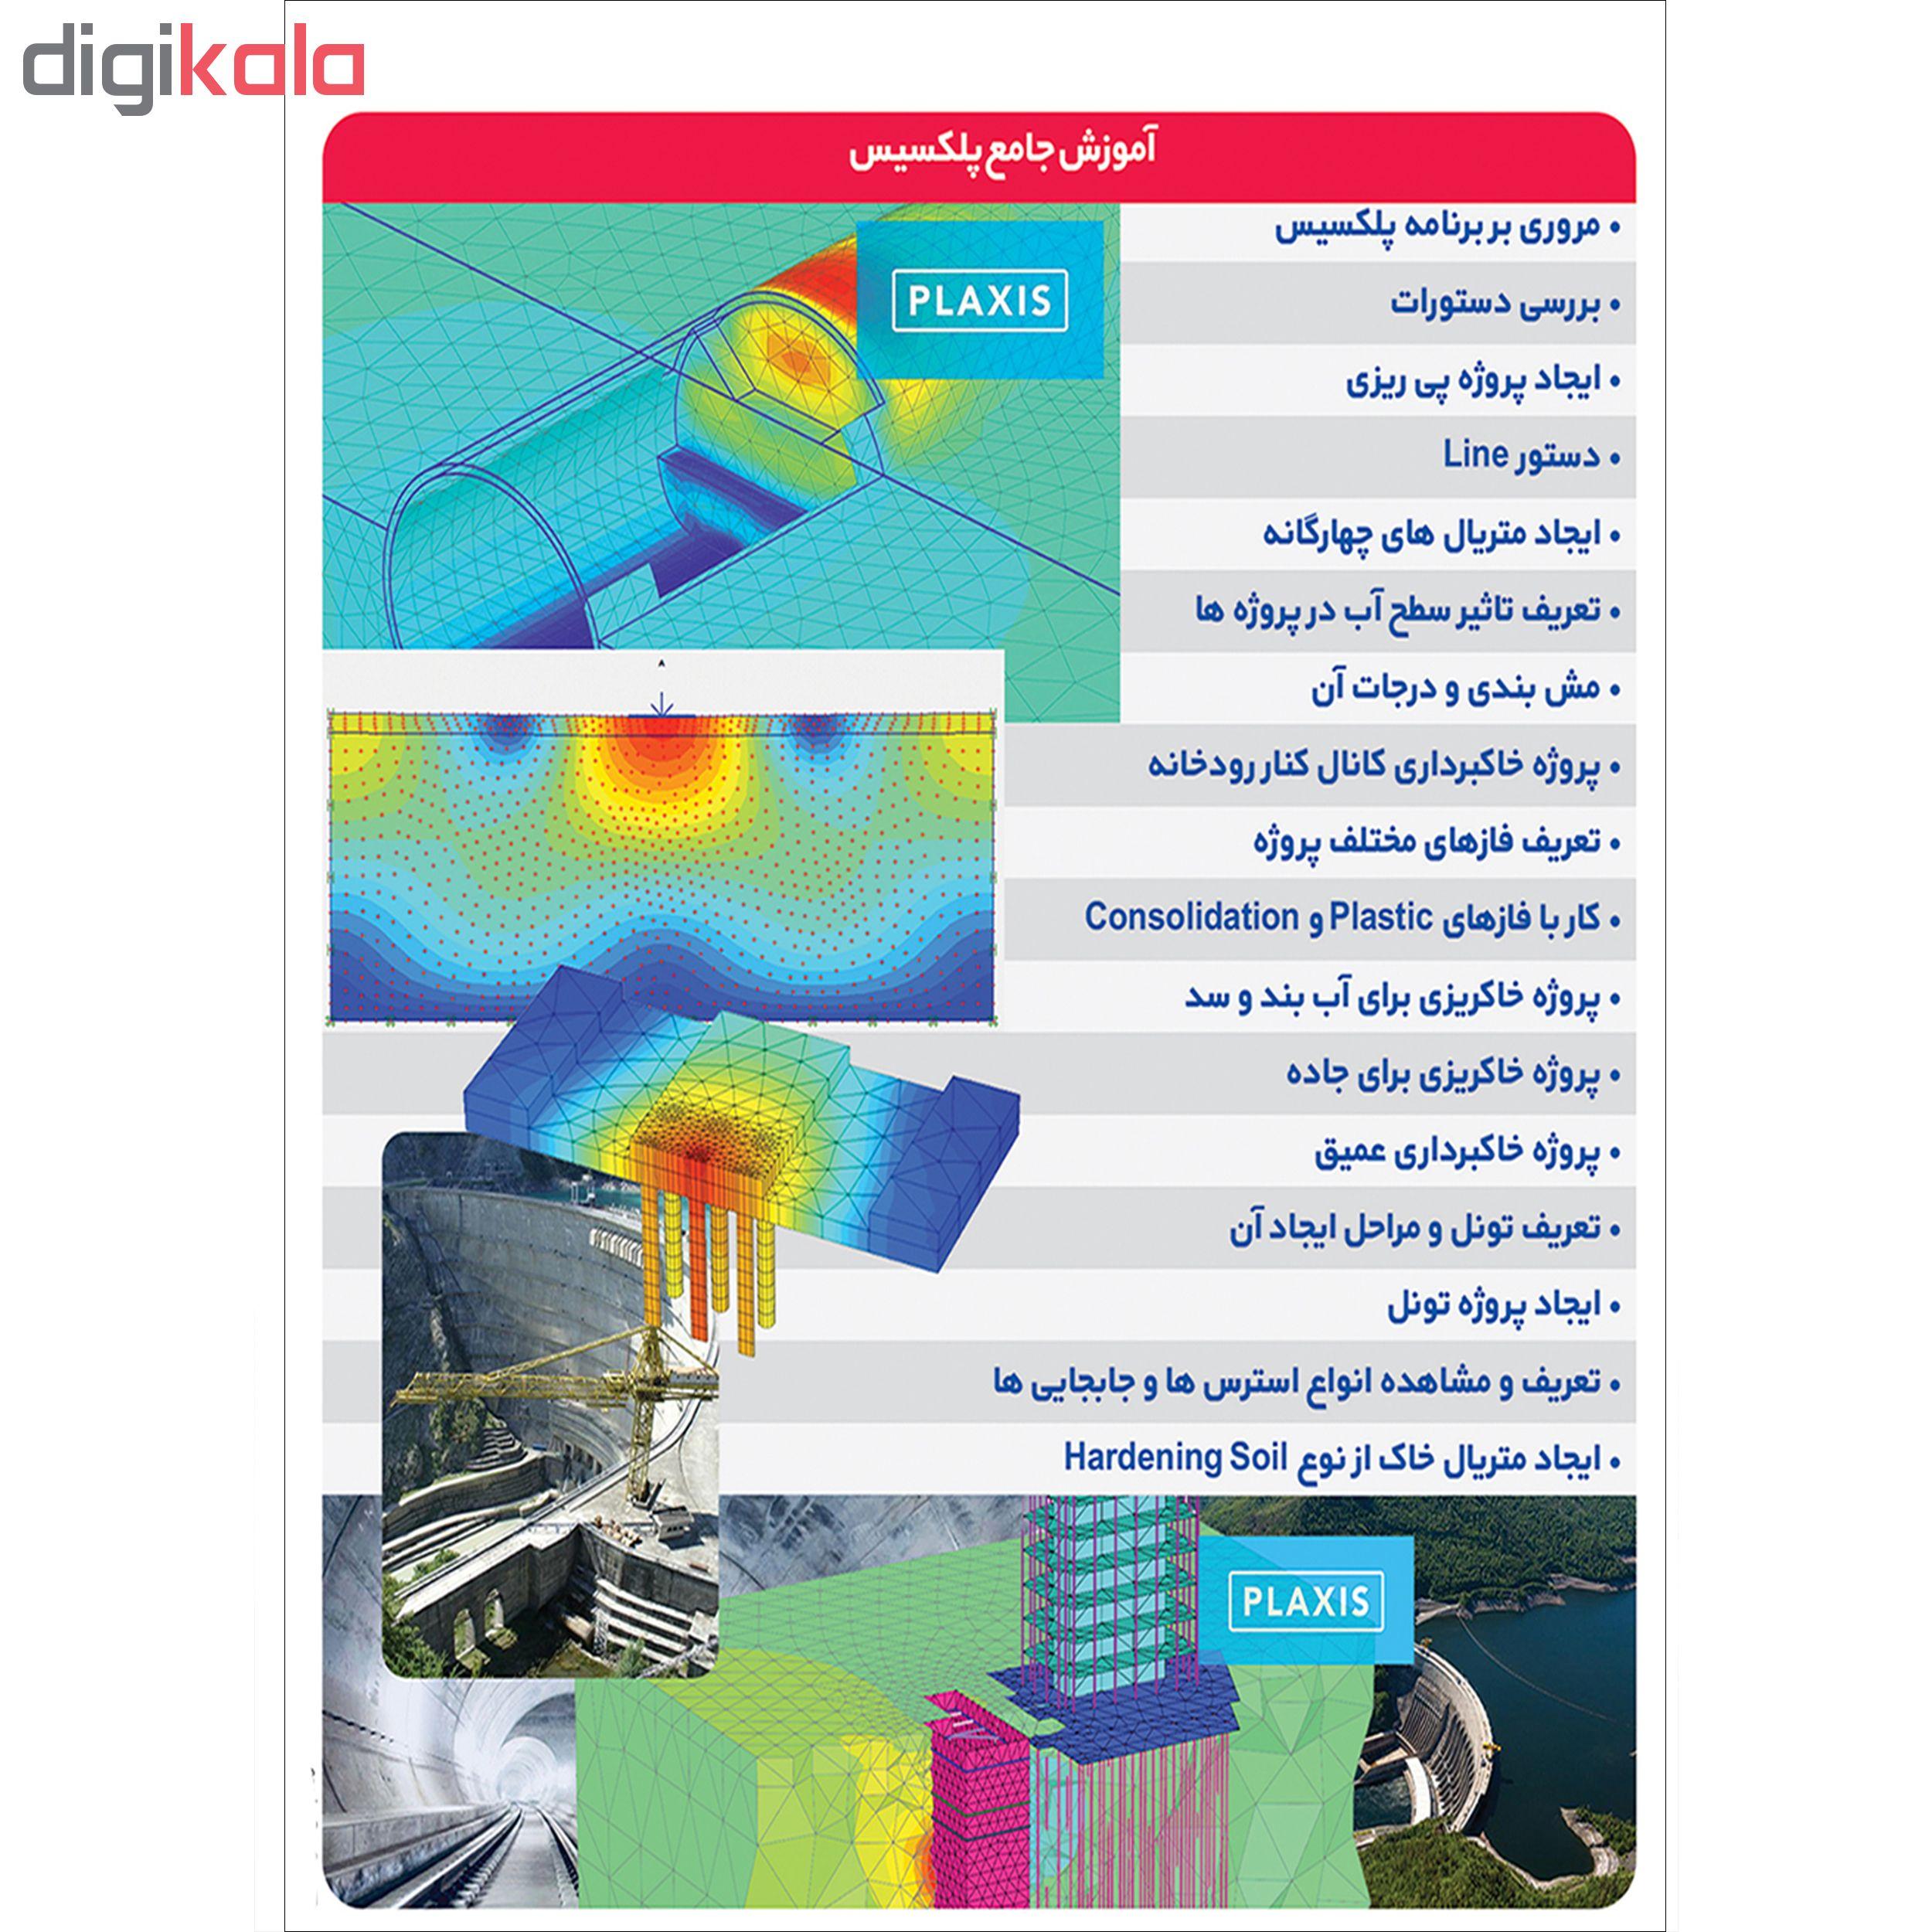 نرم افزار آموزش PLAXIS نشر پدیا سافت به همراه نرم افزار آموزش ANSYS نشر پدیده